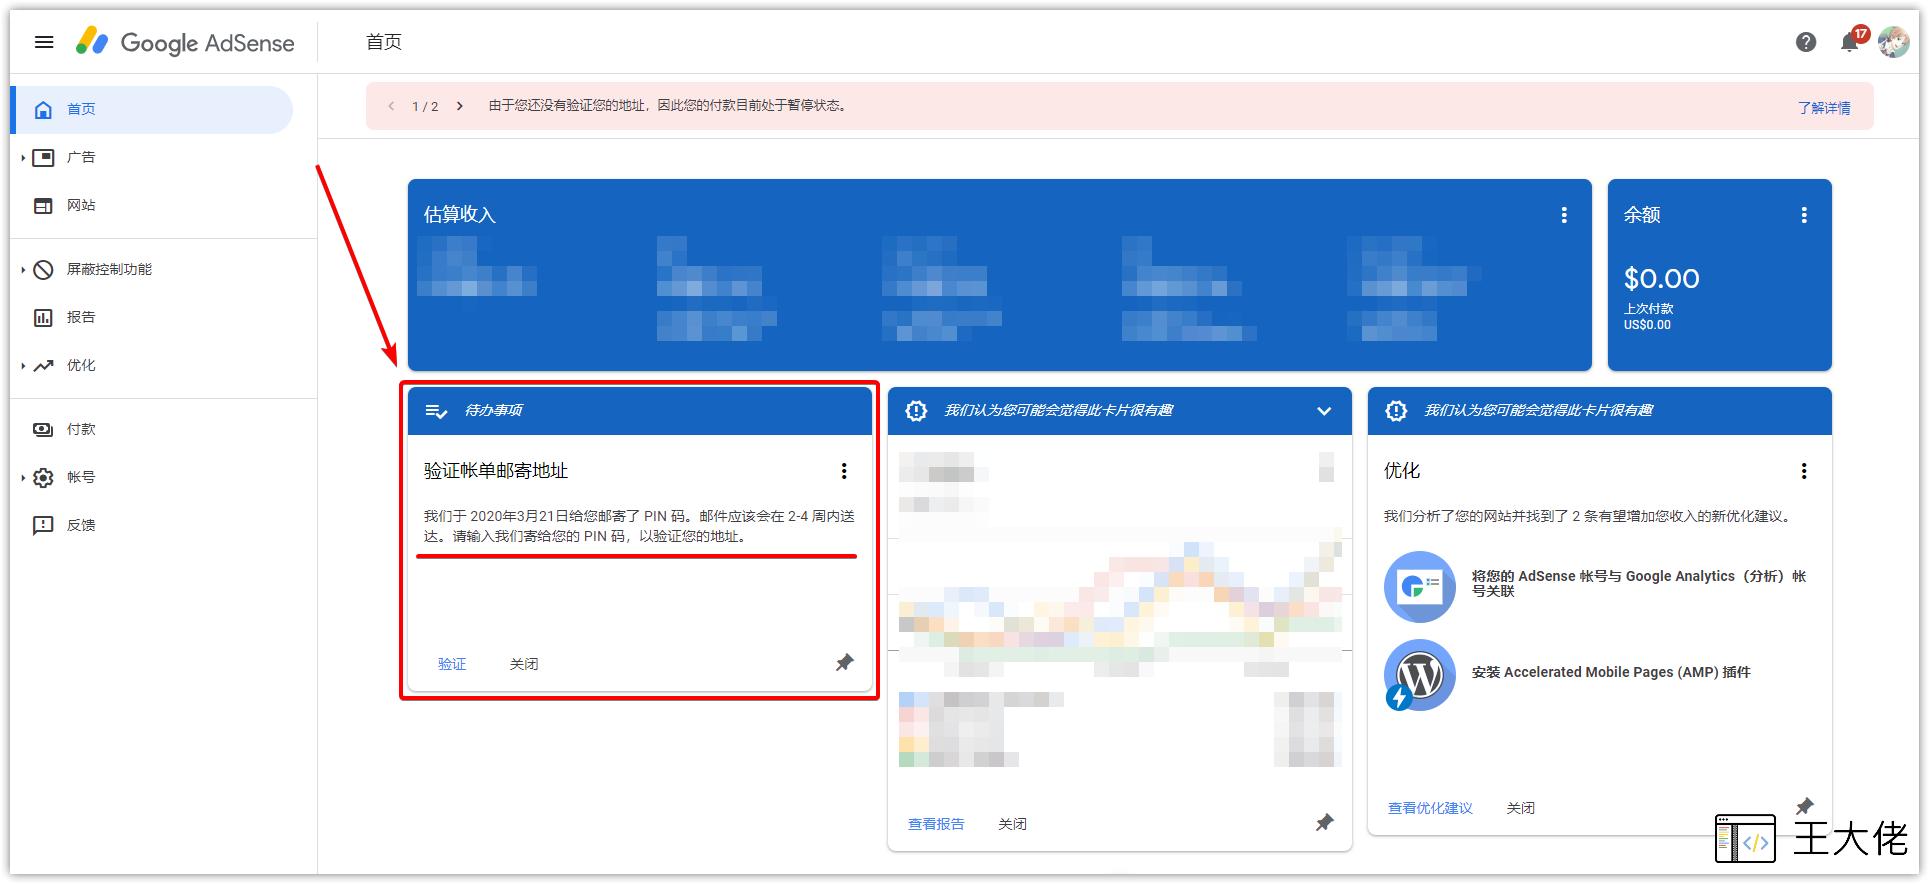 Google Adsense 是不是满100刀才会邮寄PIN码进行验证?插图